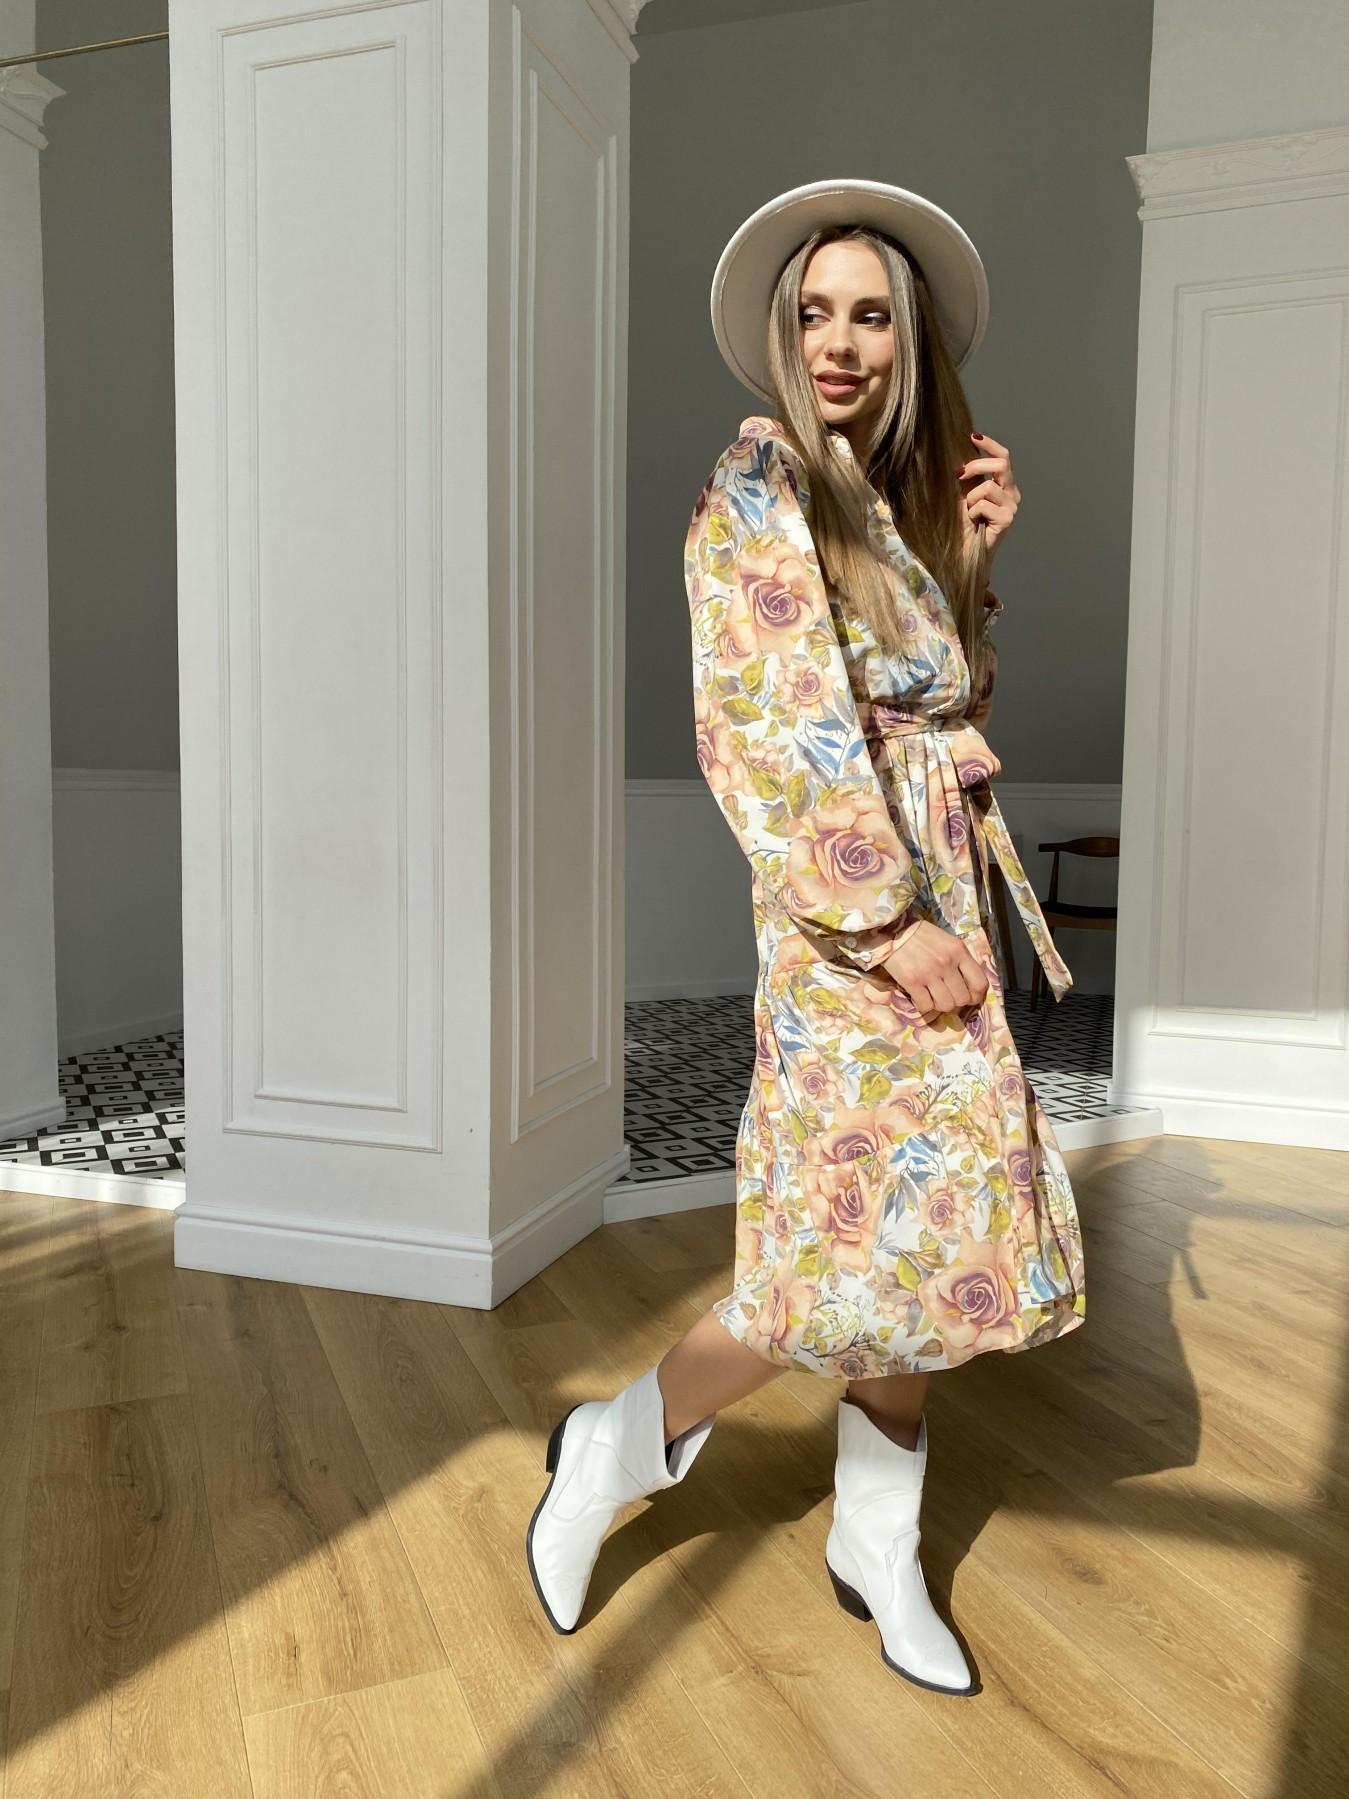 Лилия платье  софт принт бистрейч 11171 АРТ. 47666 Цвет: КрупРозаМолок/Персик - фото 5, интернет магазин tm-modus.ru